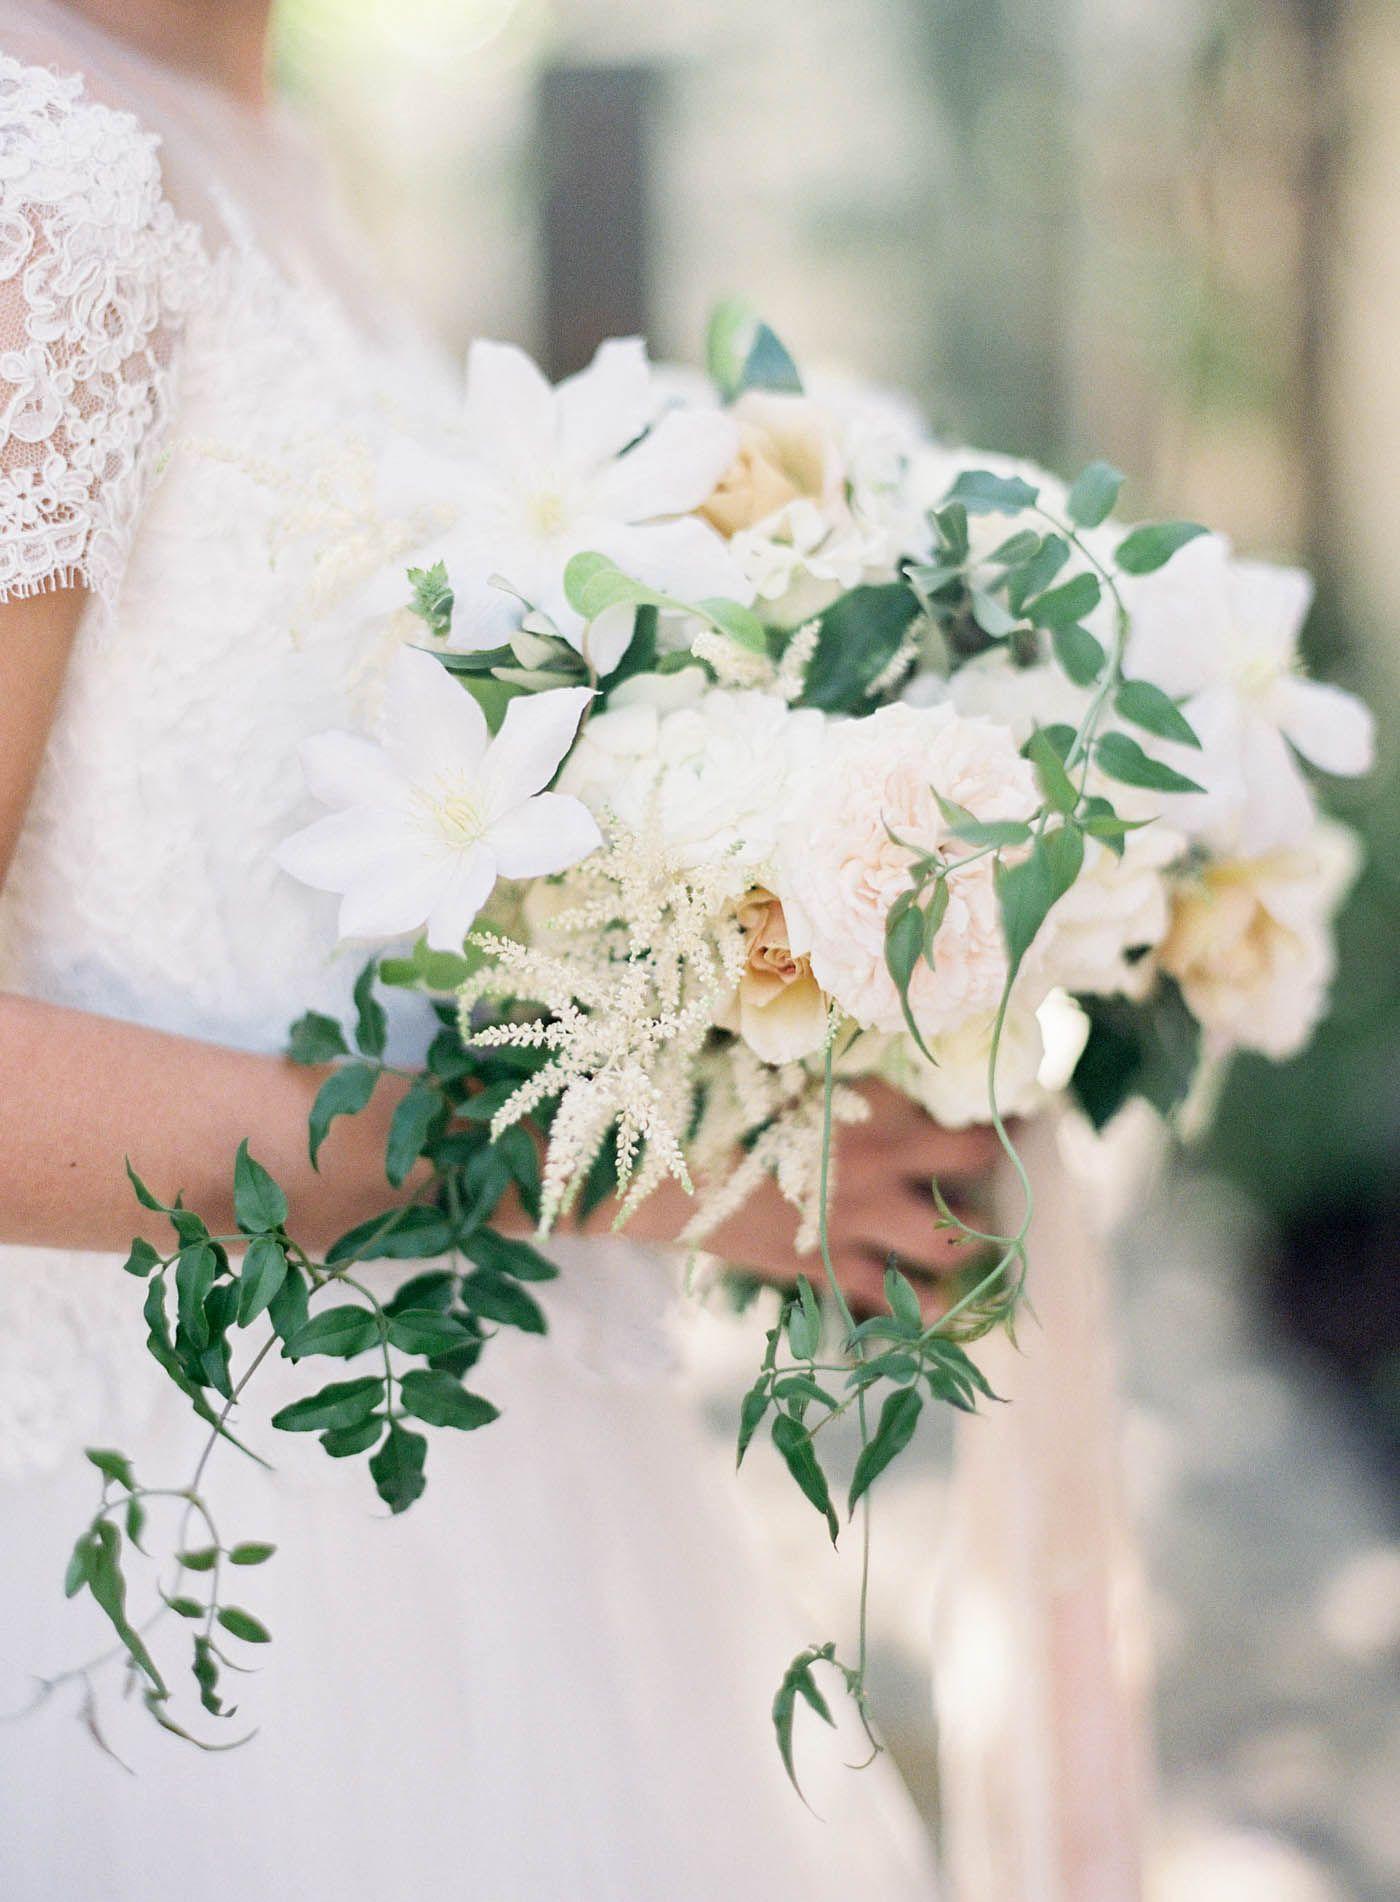 jen huang photo   villa san juan capistrano wedding   chiali meng   reem acra wedding dress   sweet marie designs   clematis bouquet